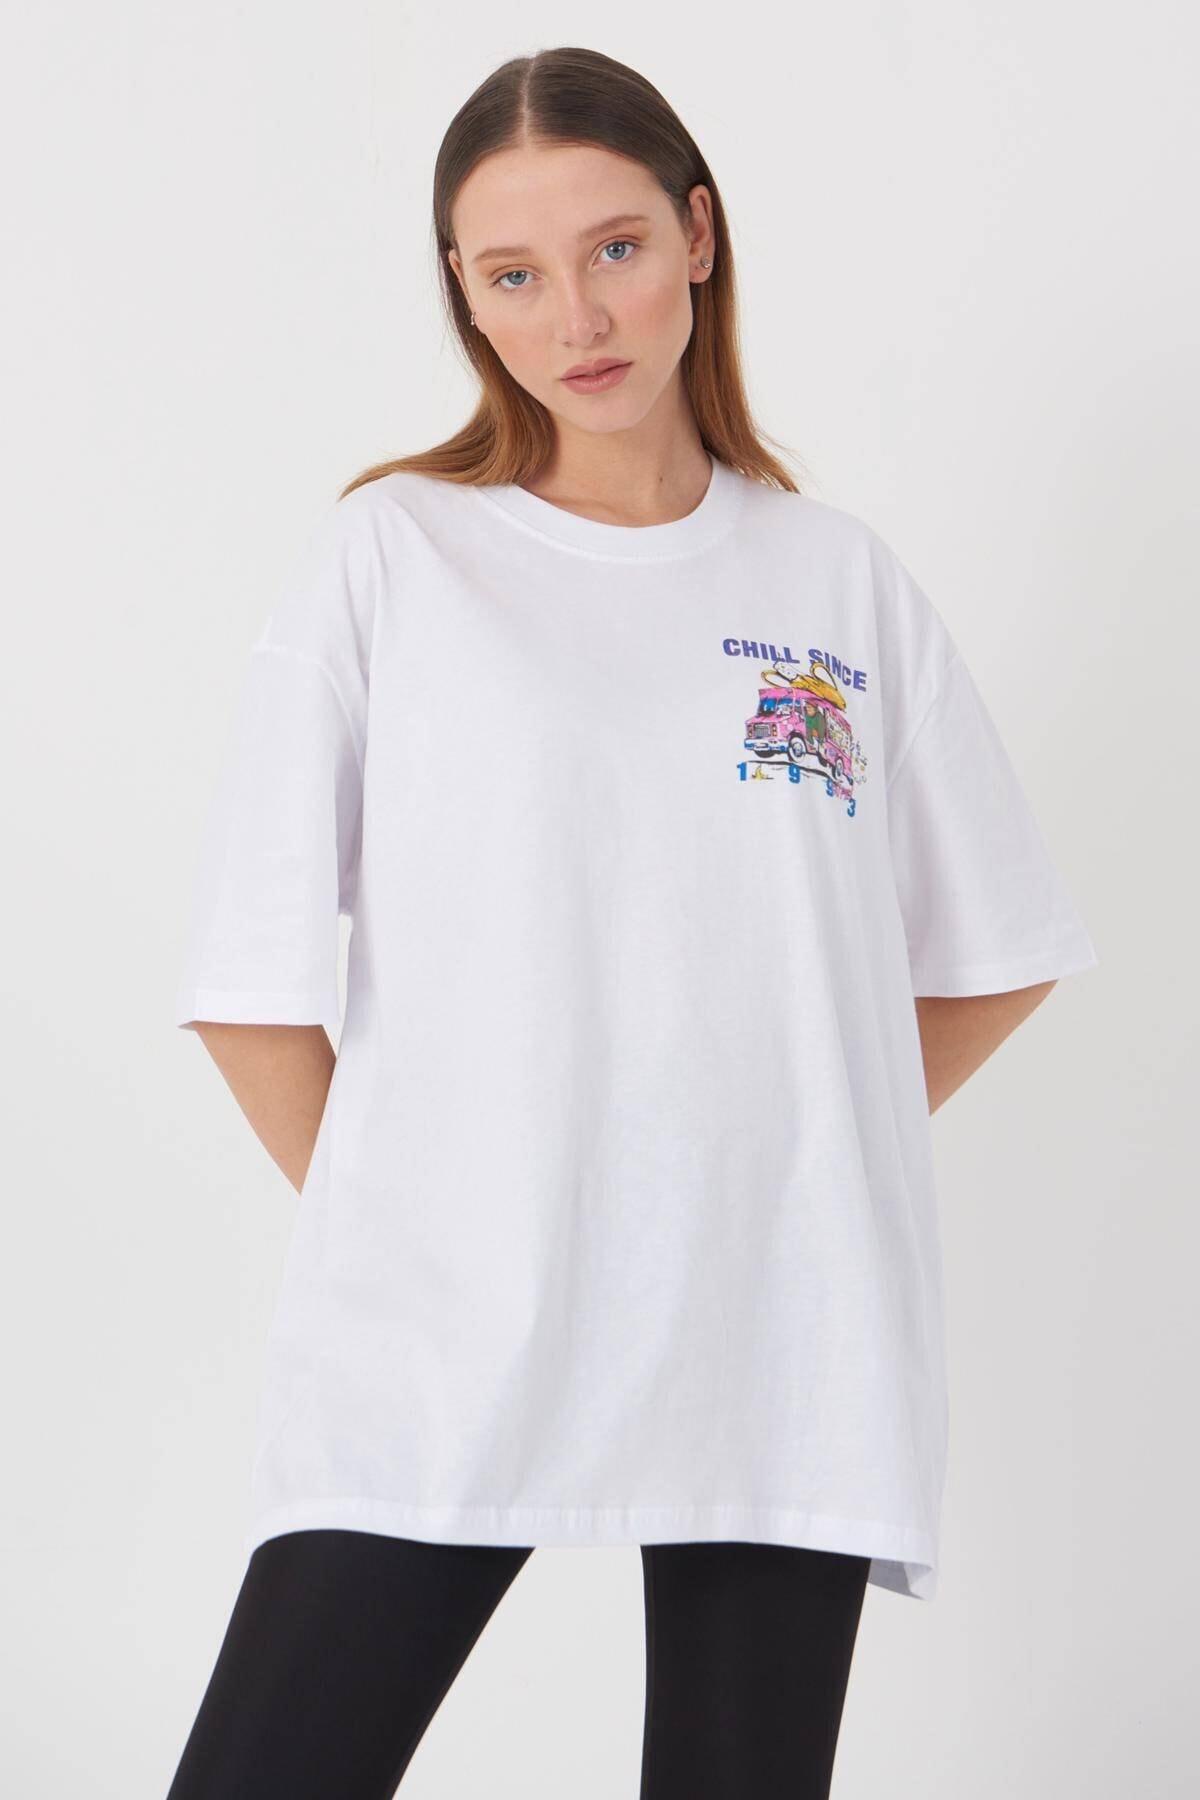 Addax Kadın Beyaz Baskılı T-Shirt P9353 - B12 Adx-0000021102 1